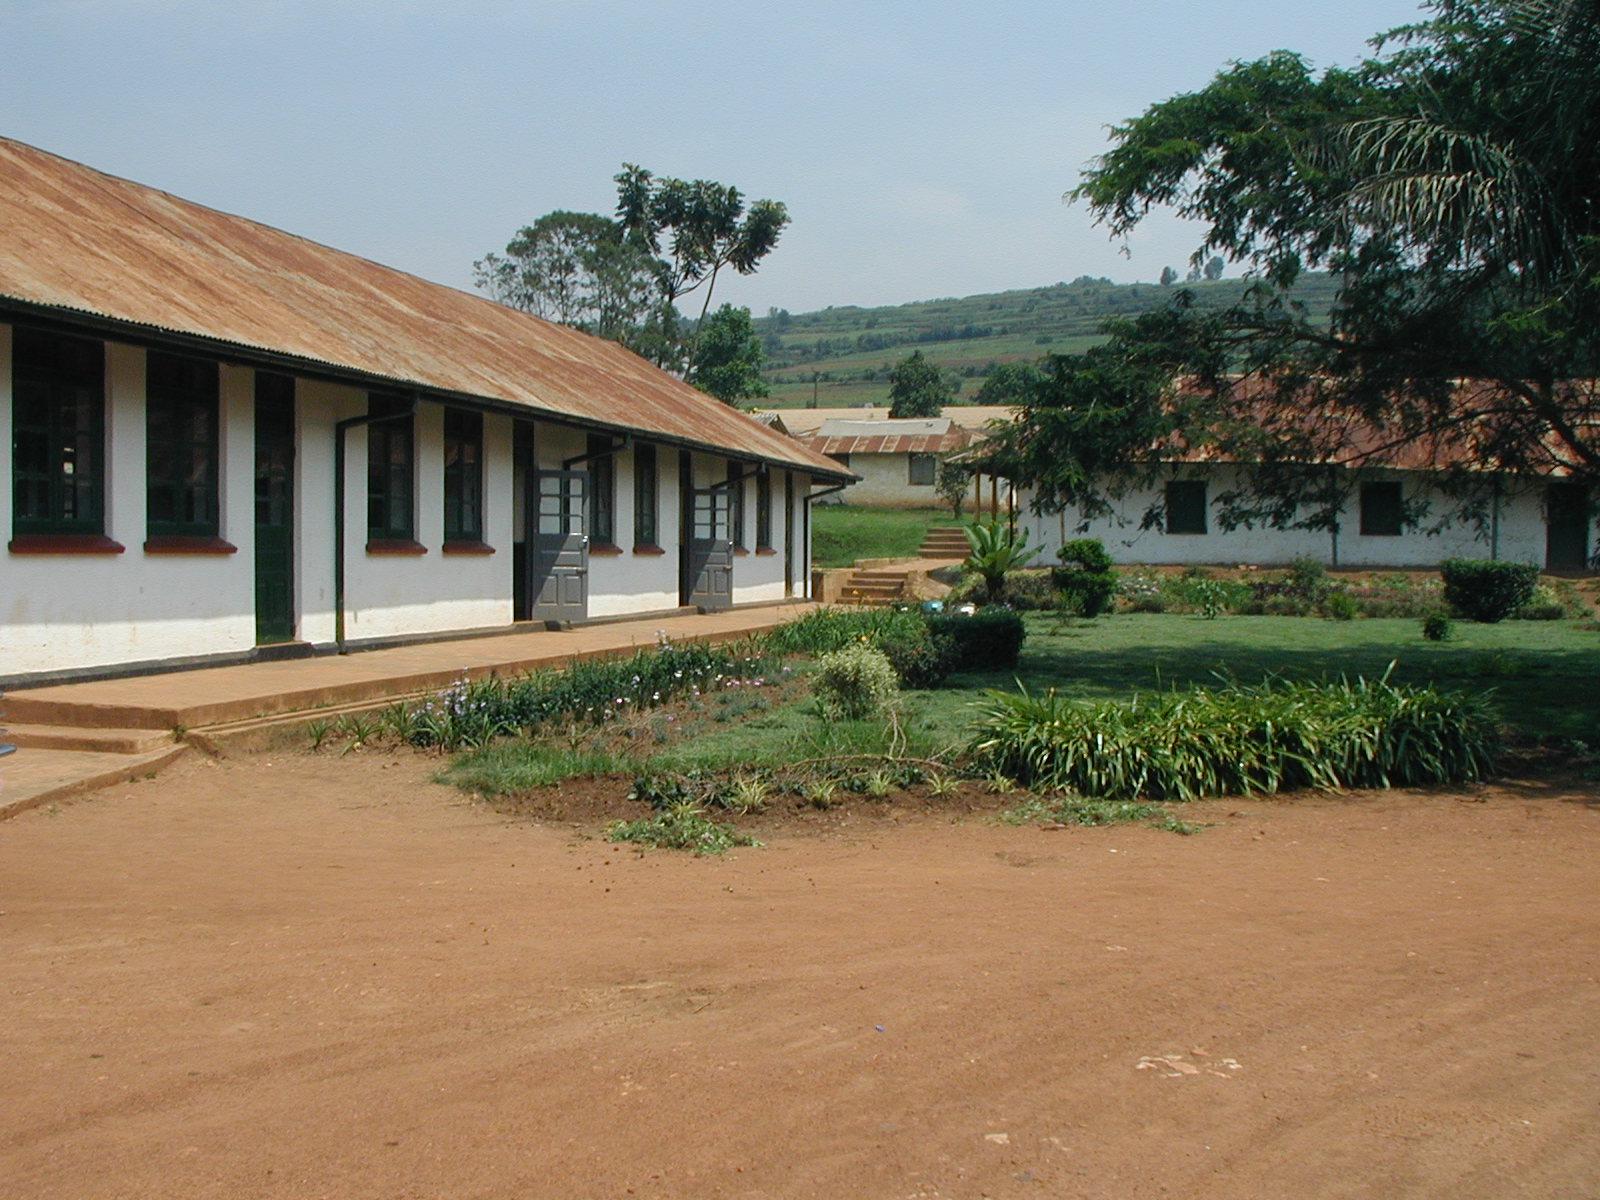 Bwankosya House, Kigezi High School